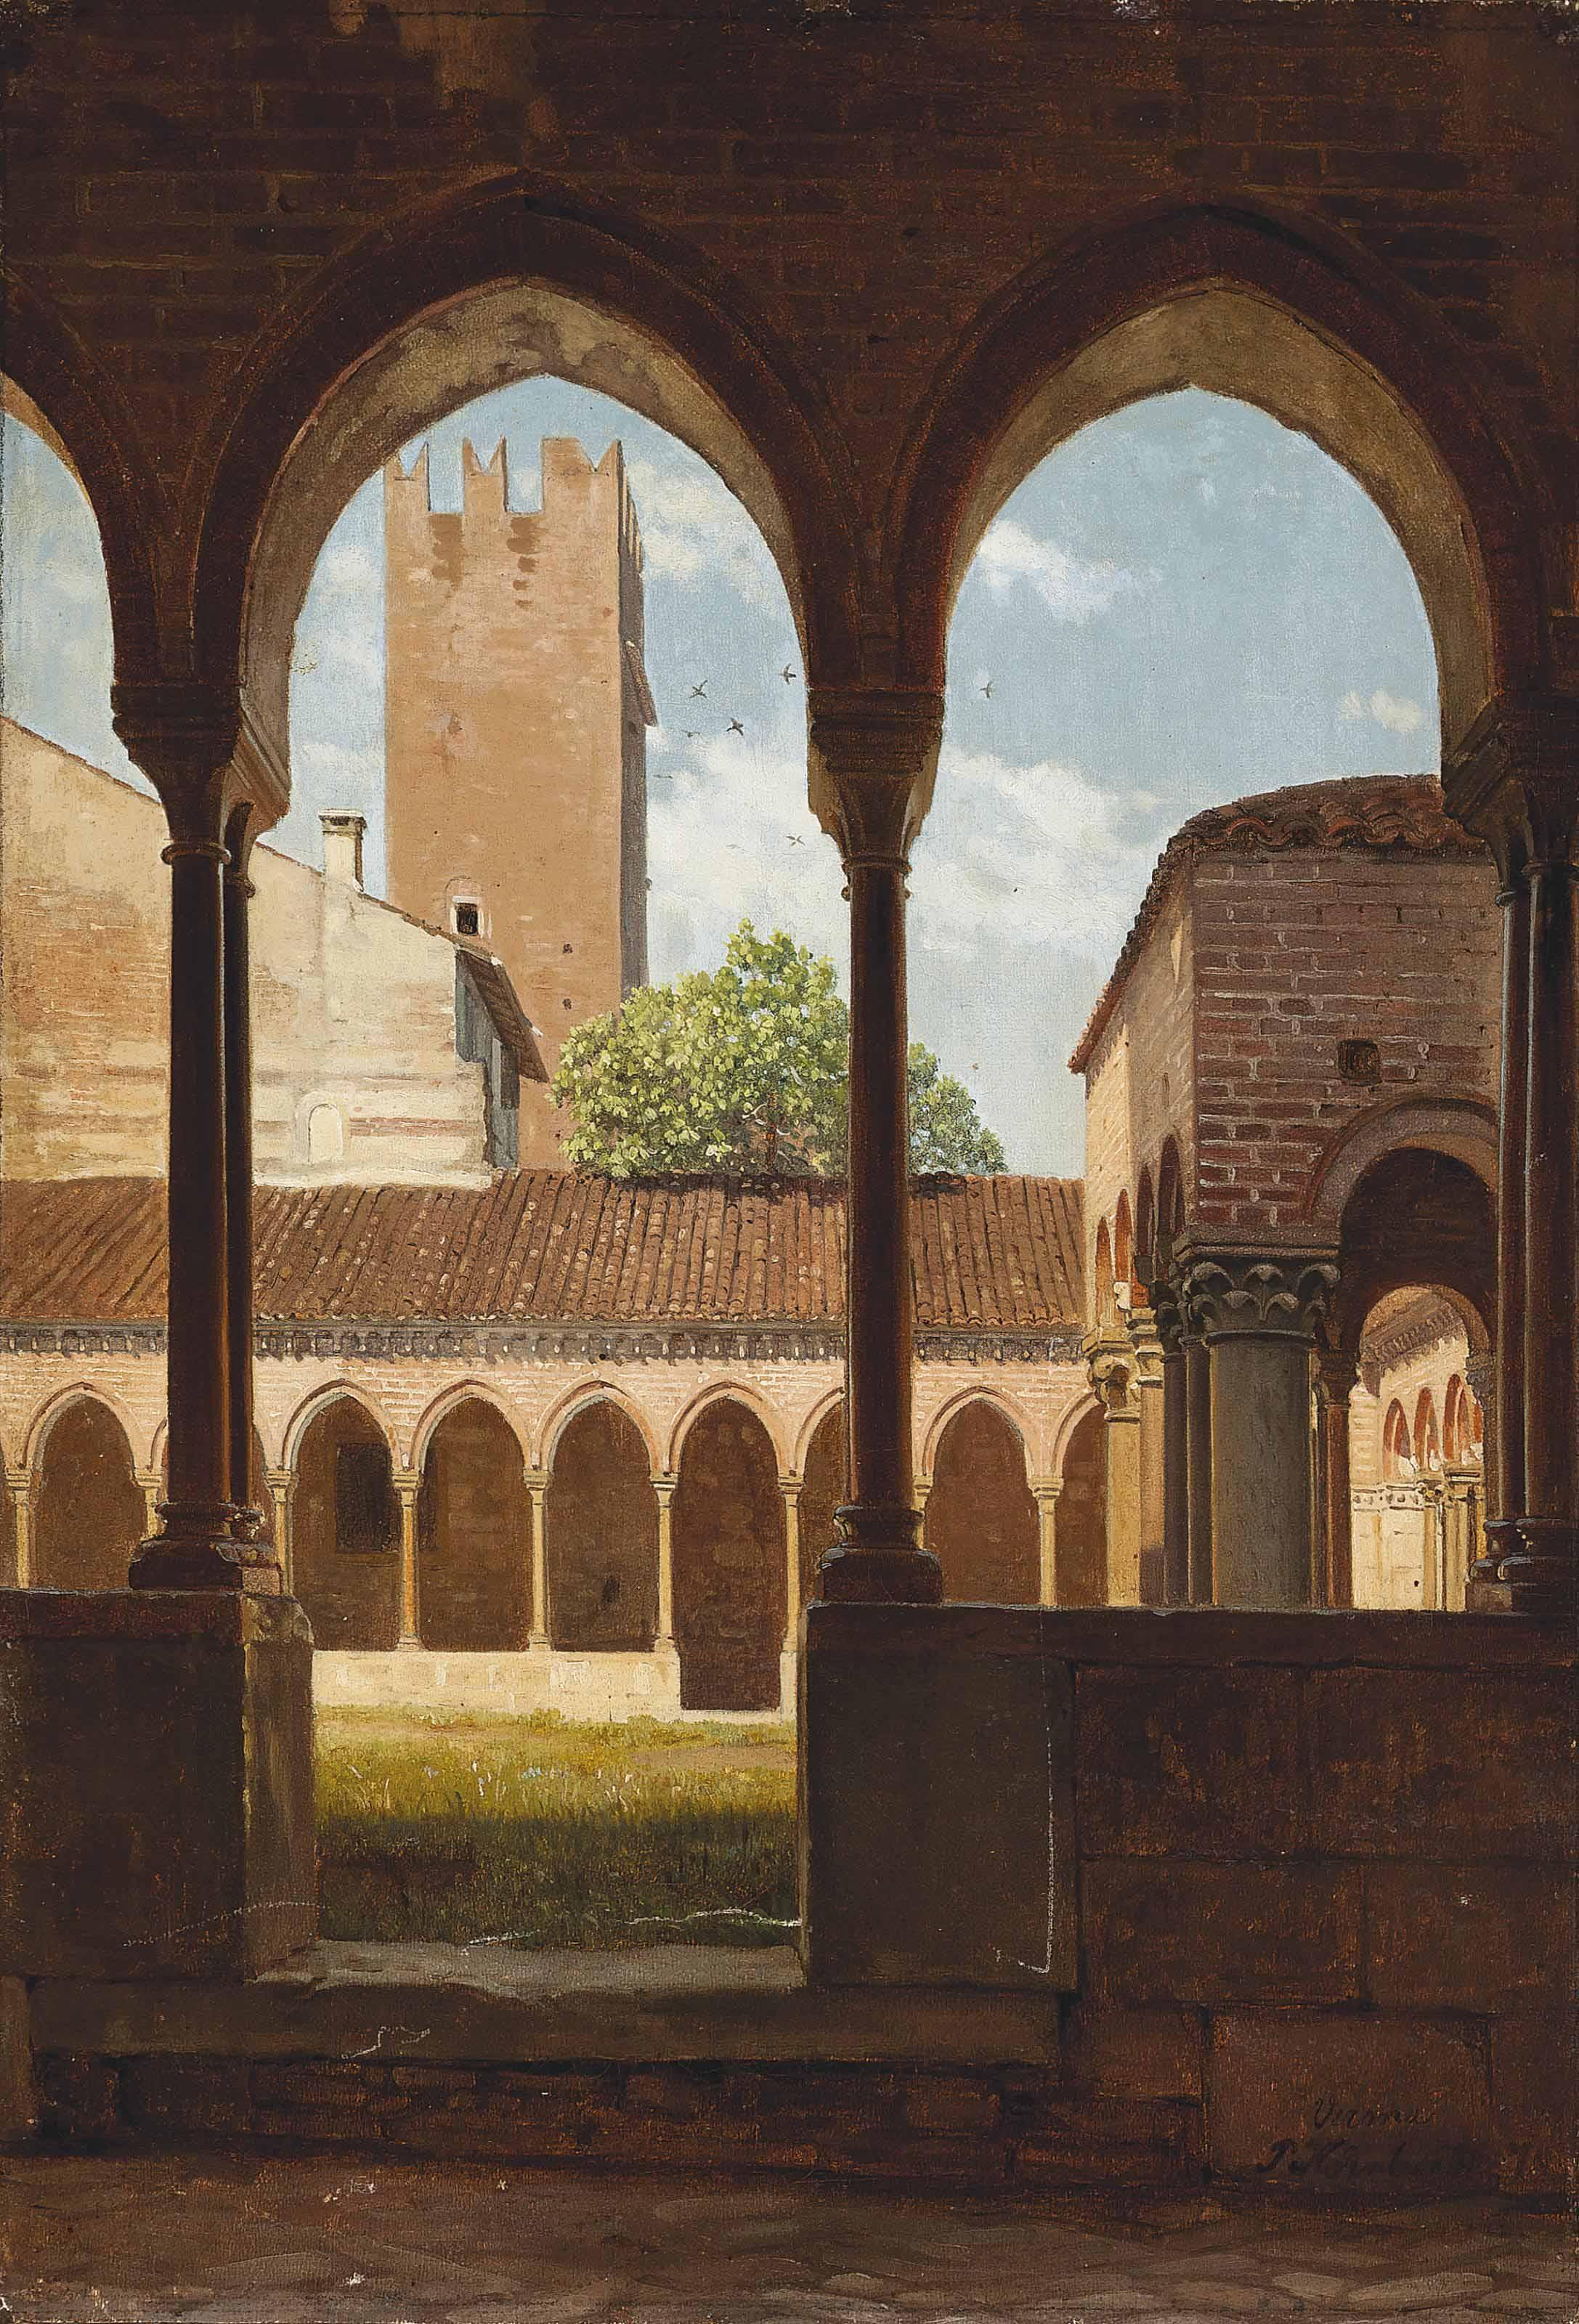 The cloisters of San Zeno, Verona